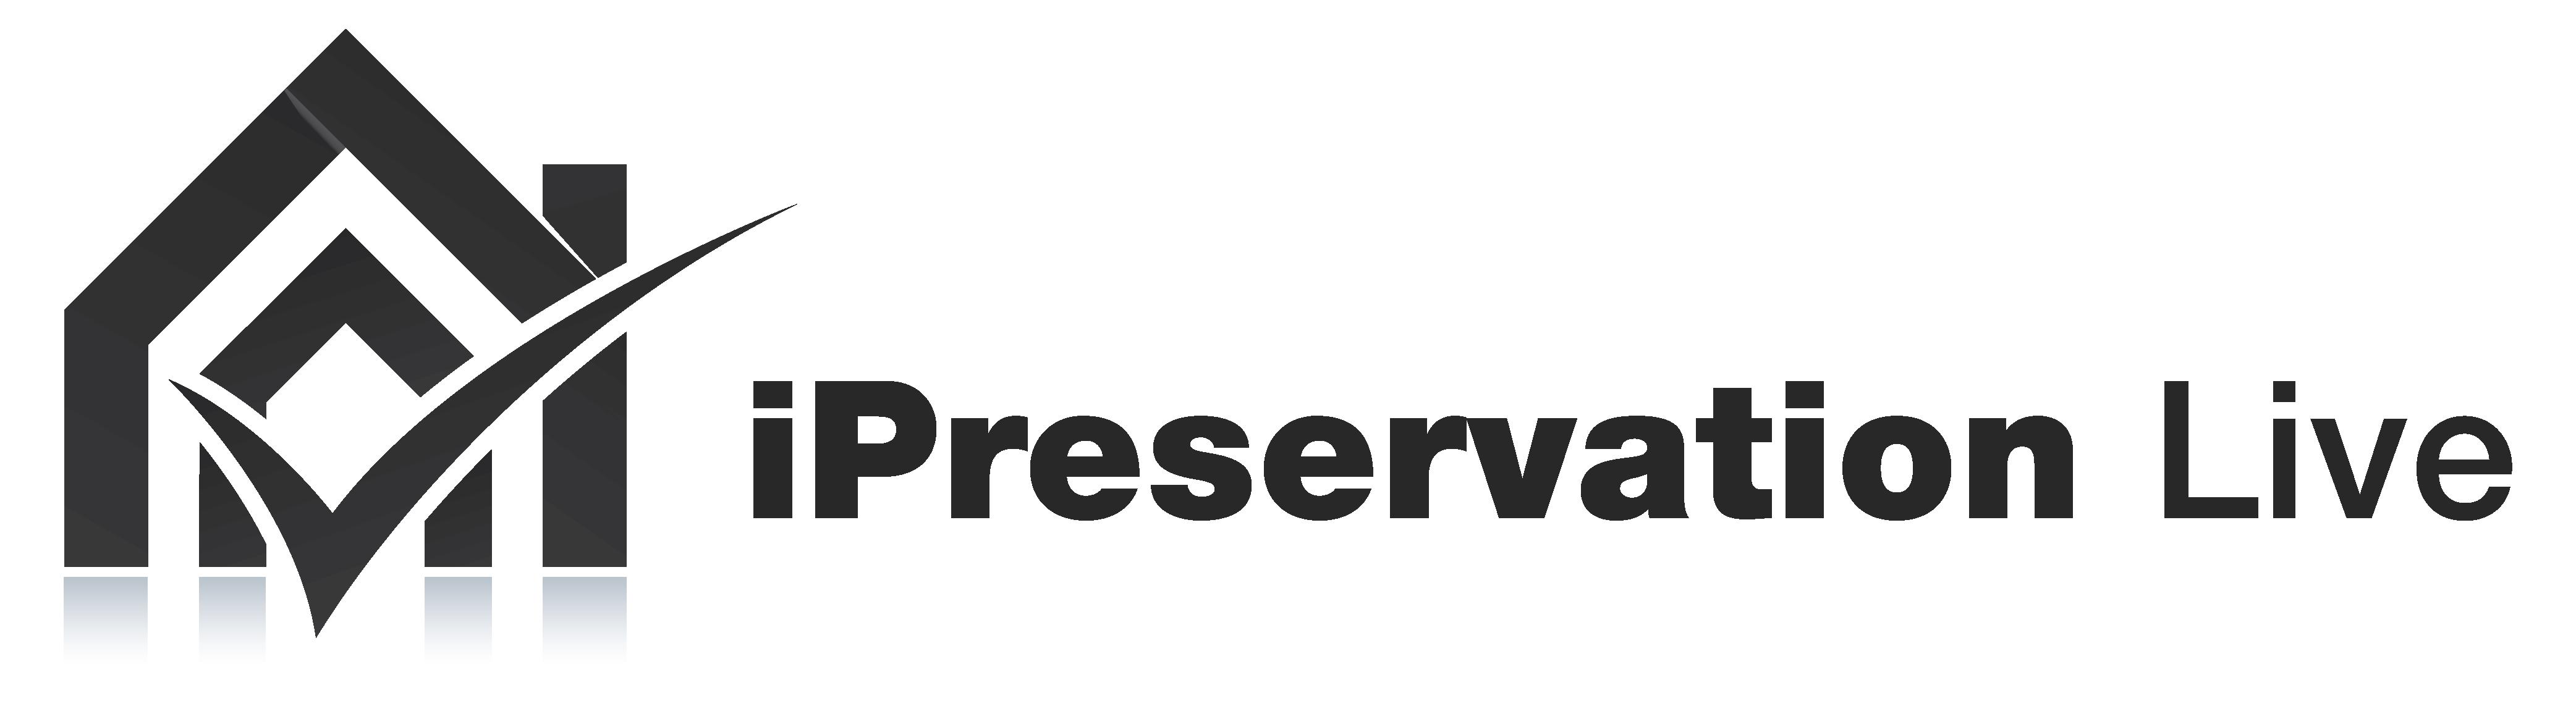 iPreservation Live